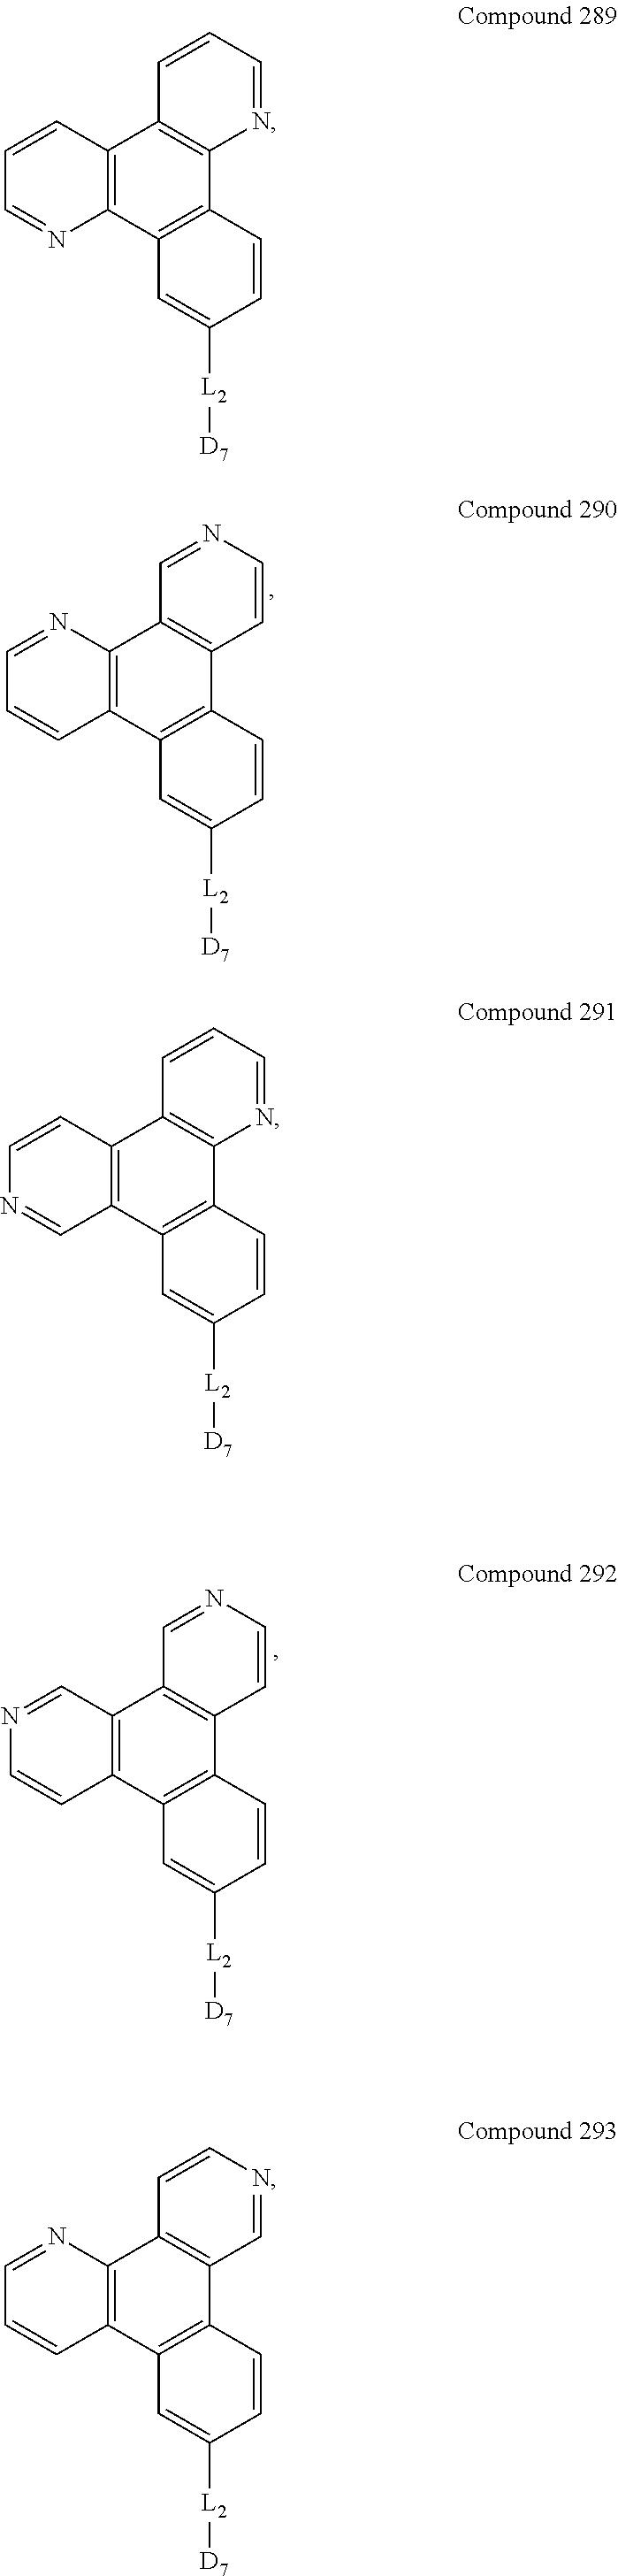 Figure US09537106-20170103-C00629